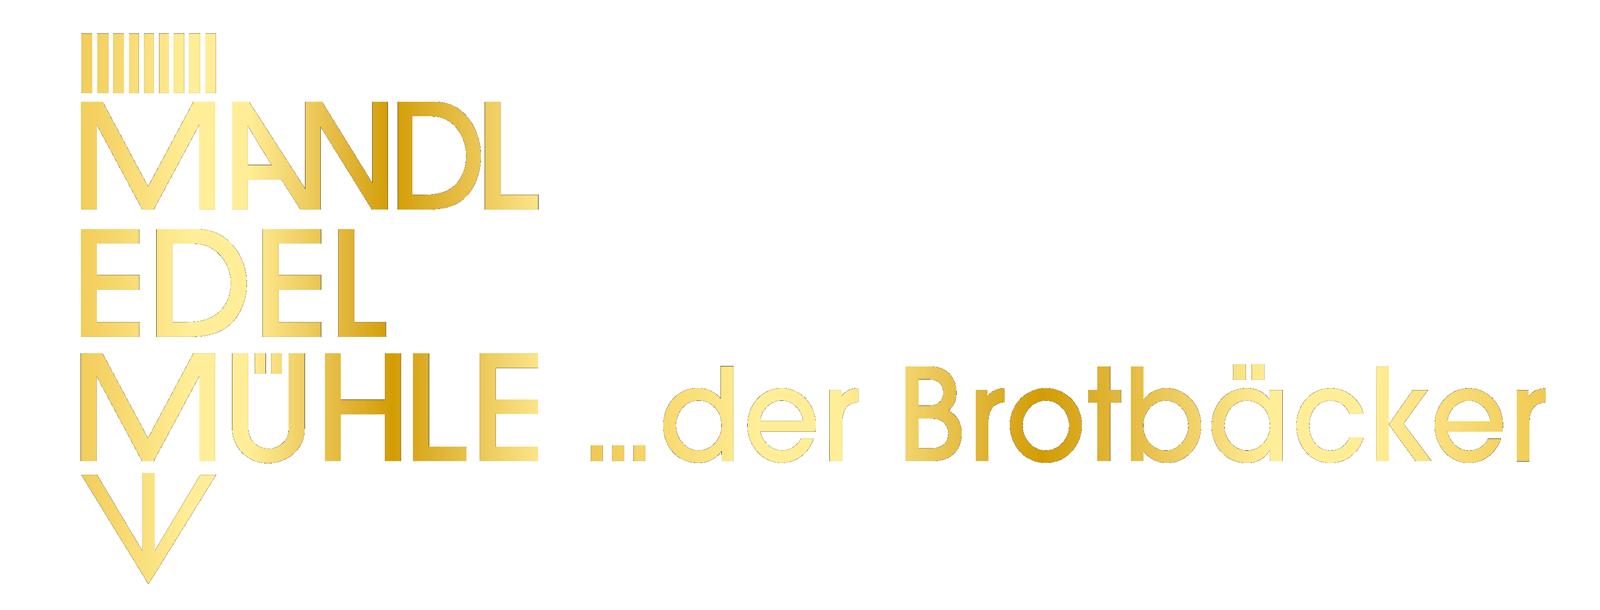 mandl-edelmuehle.de